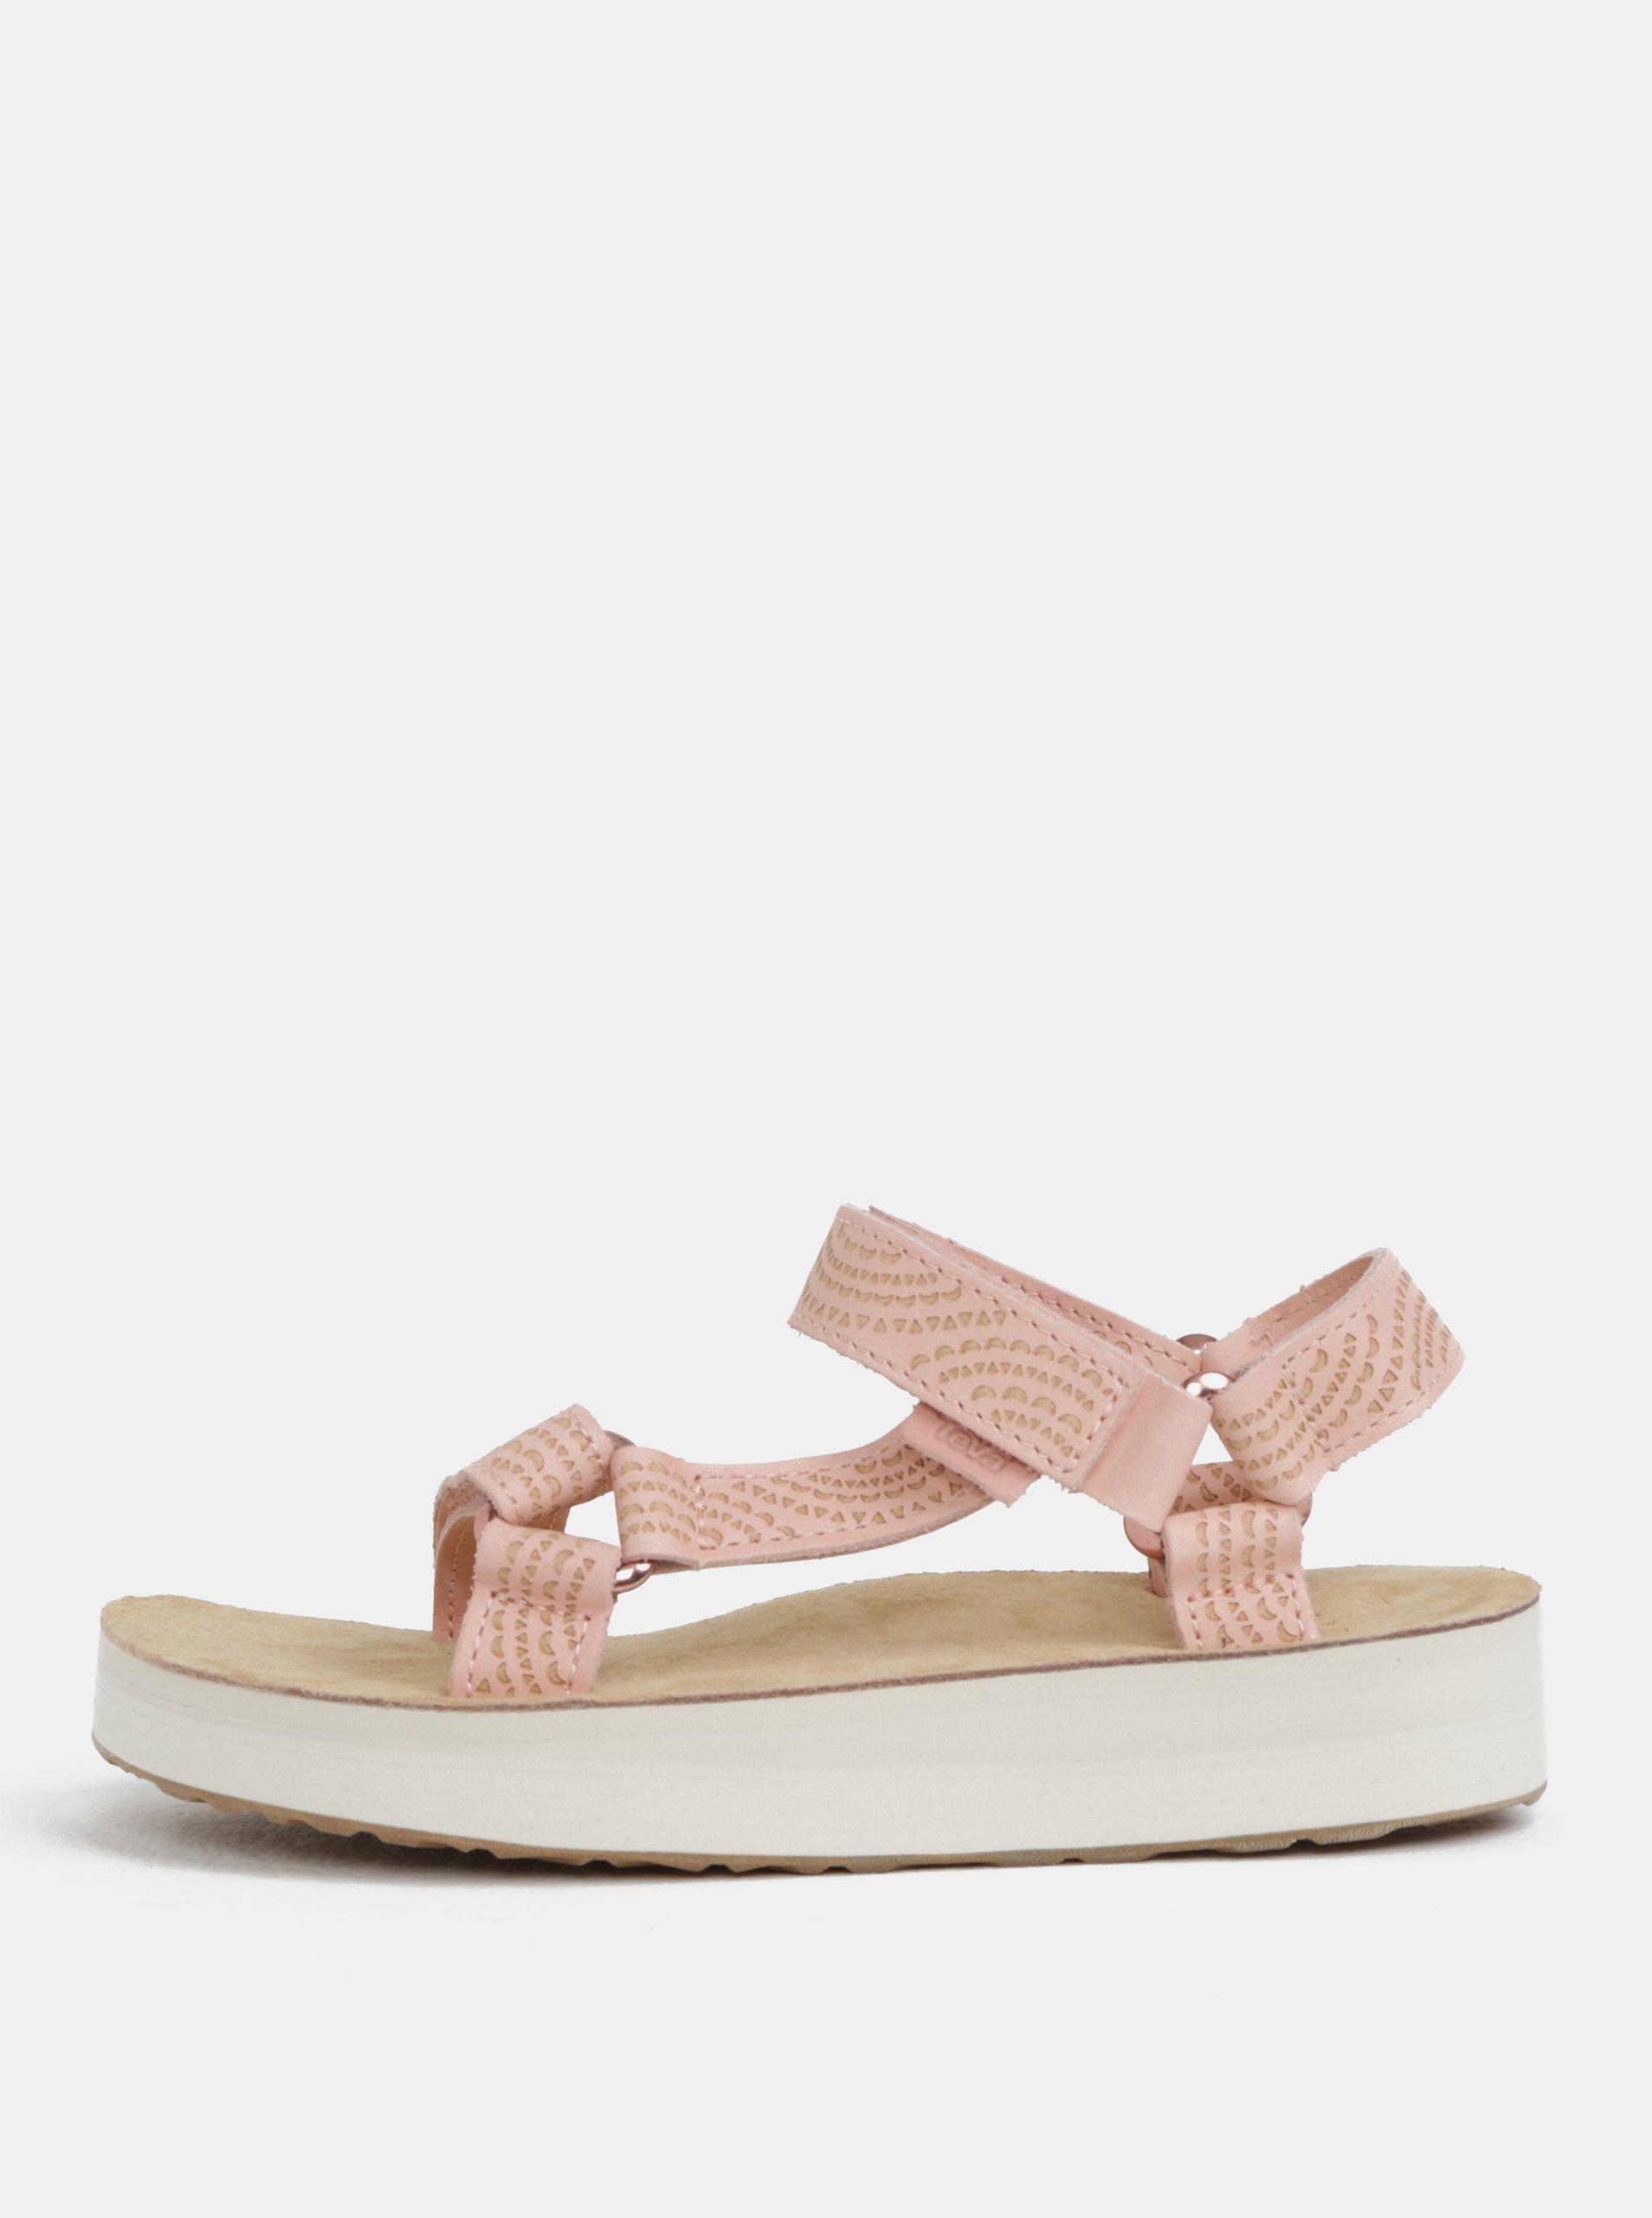 5a9e4600ae2b Svetloružové dámske kožené vzorované sandále na platforme Teva